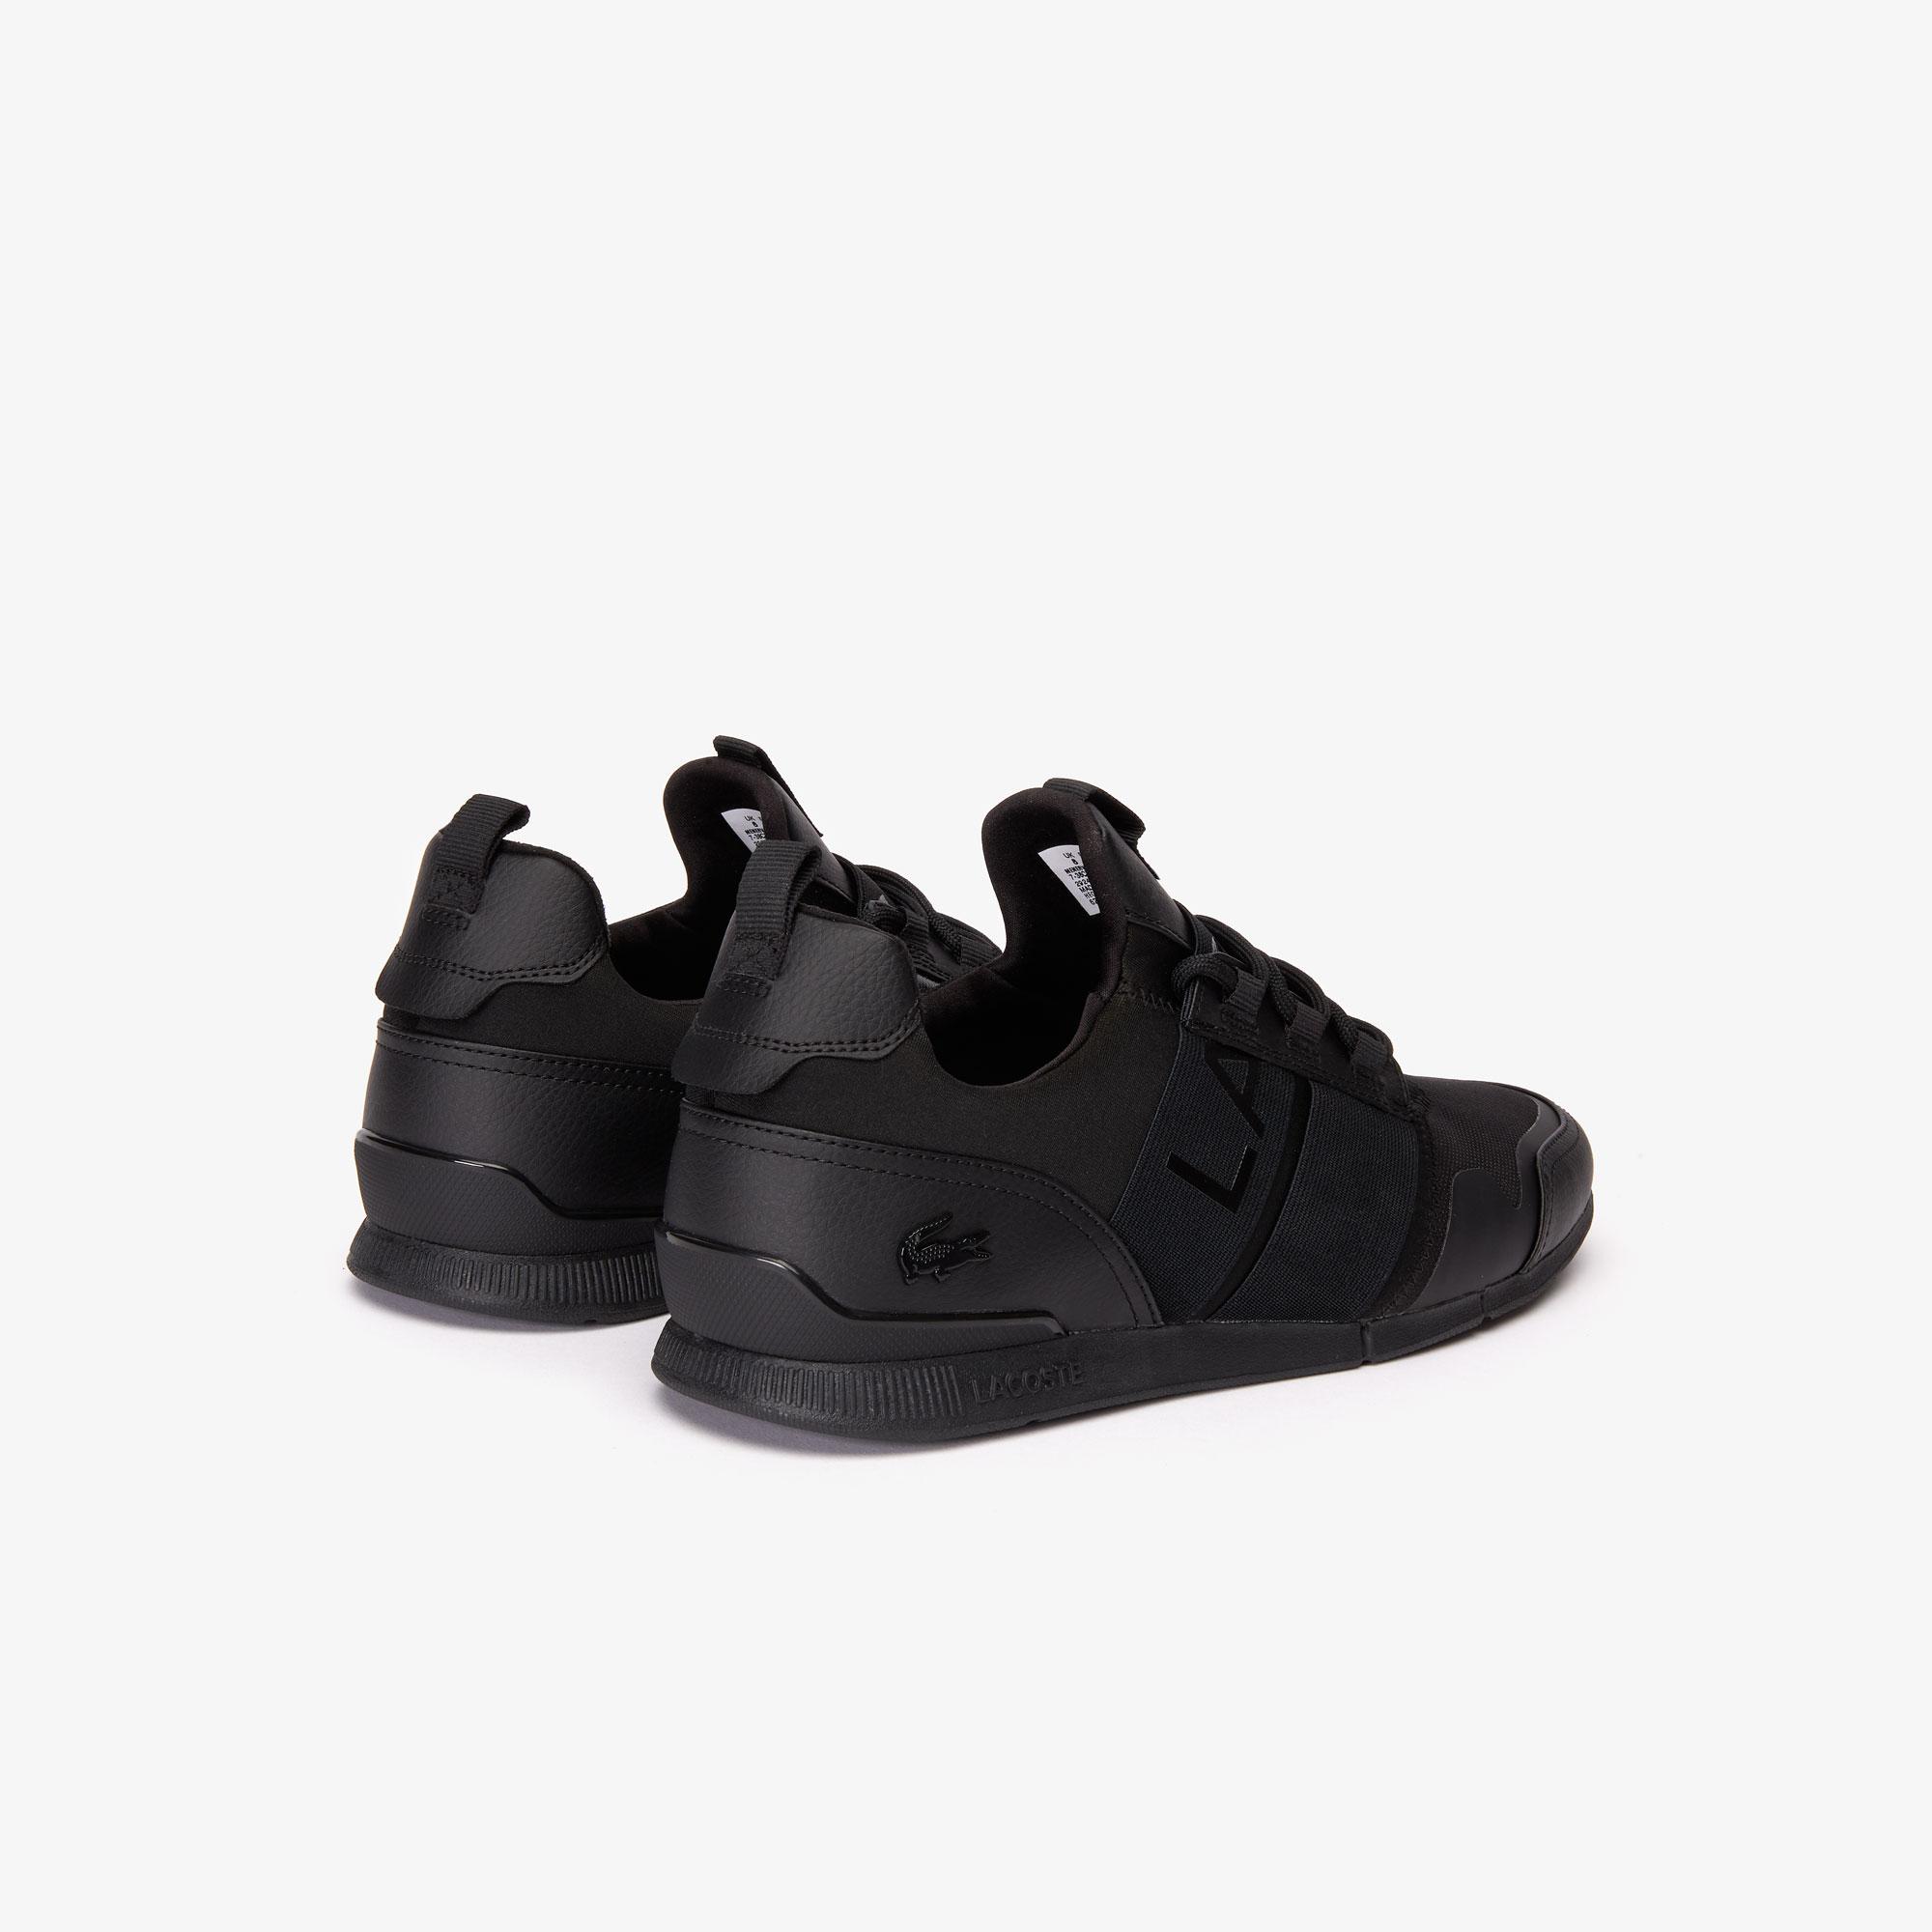 Lacoste Menerva Elite 319 1 US Męskie Sneakersy